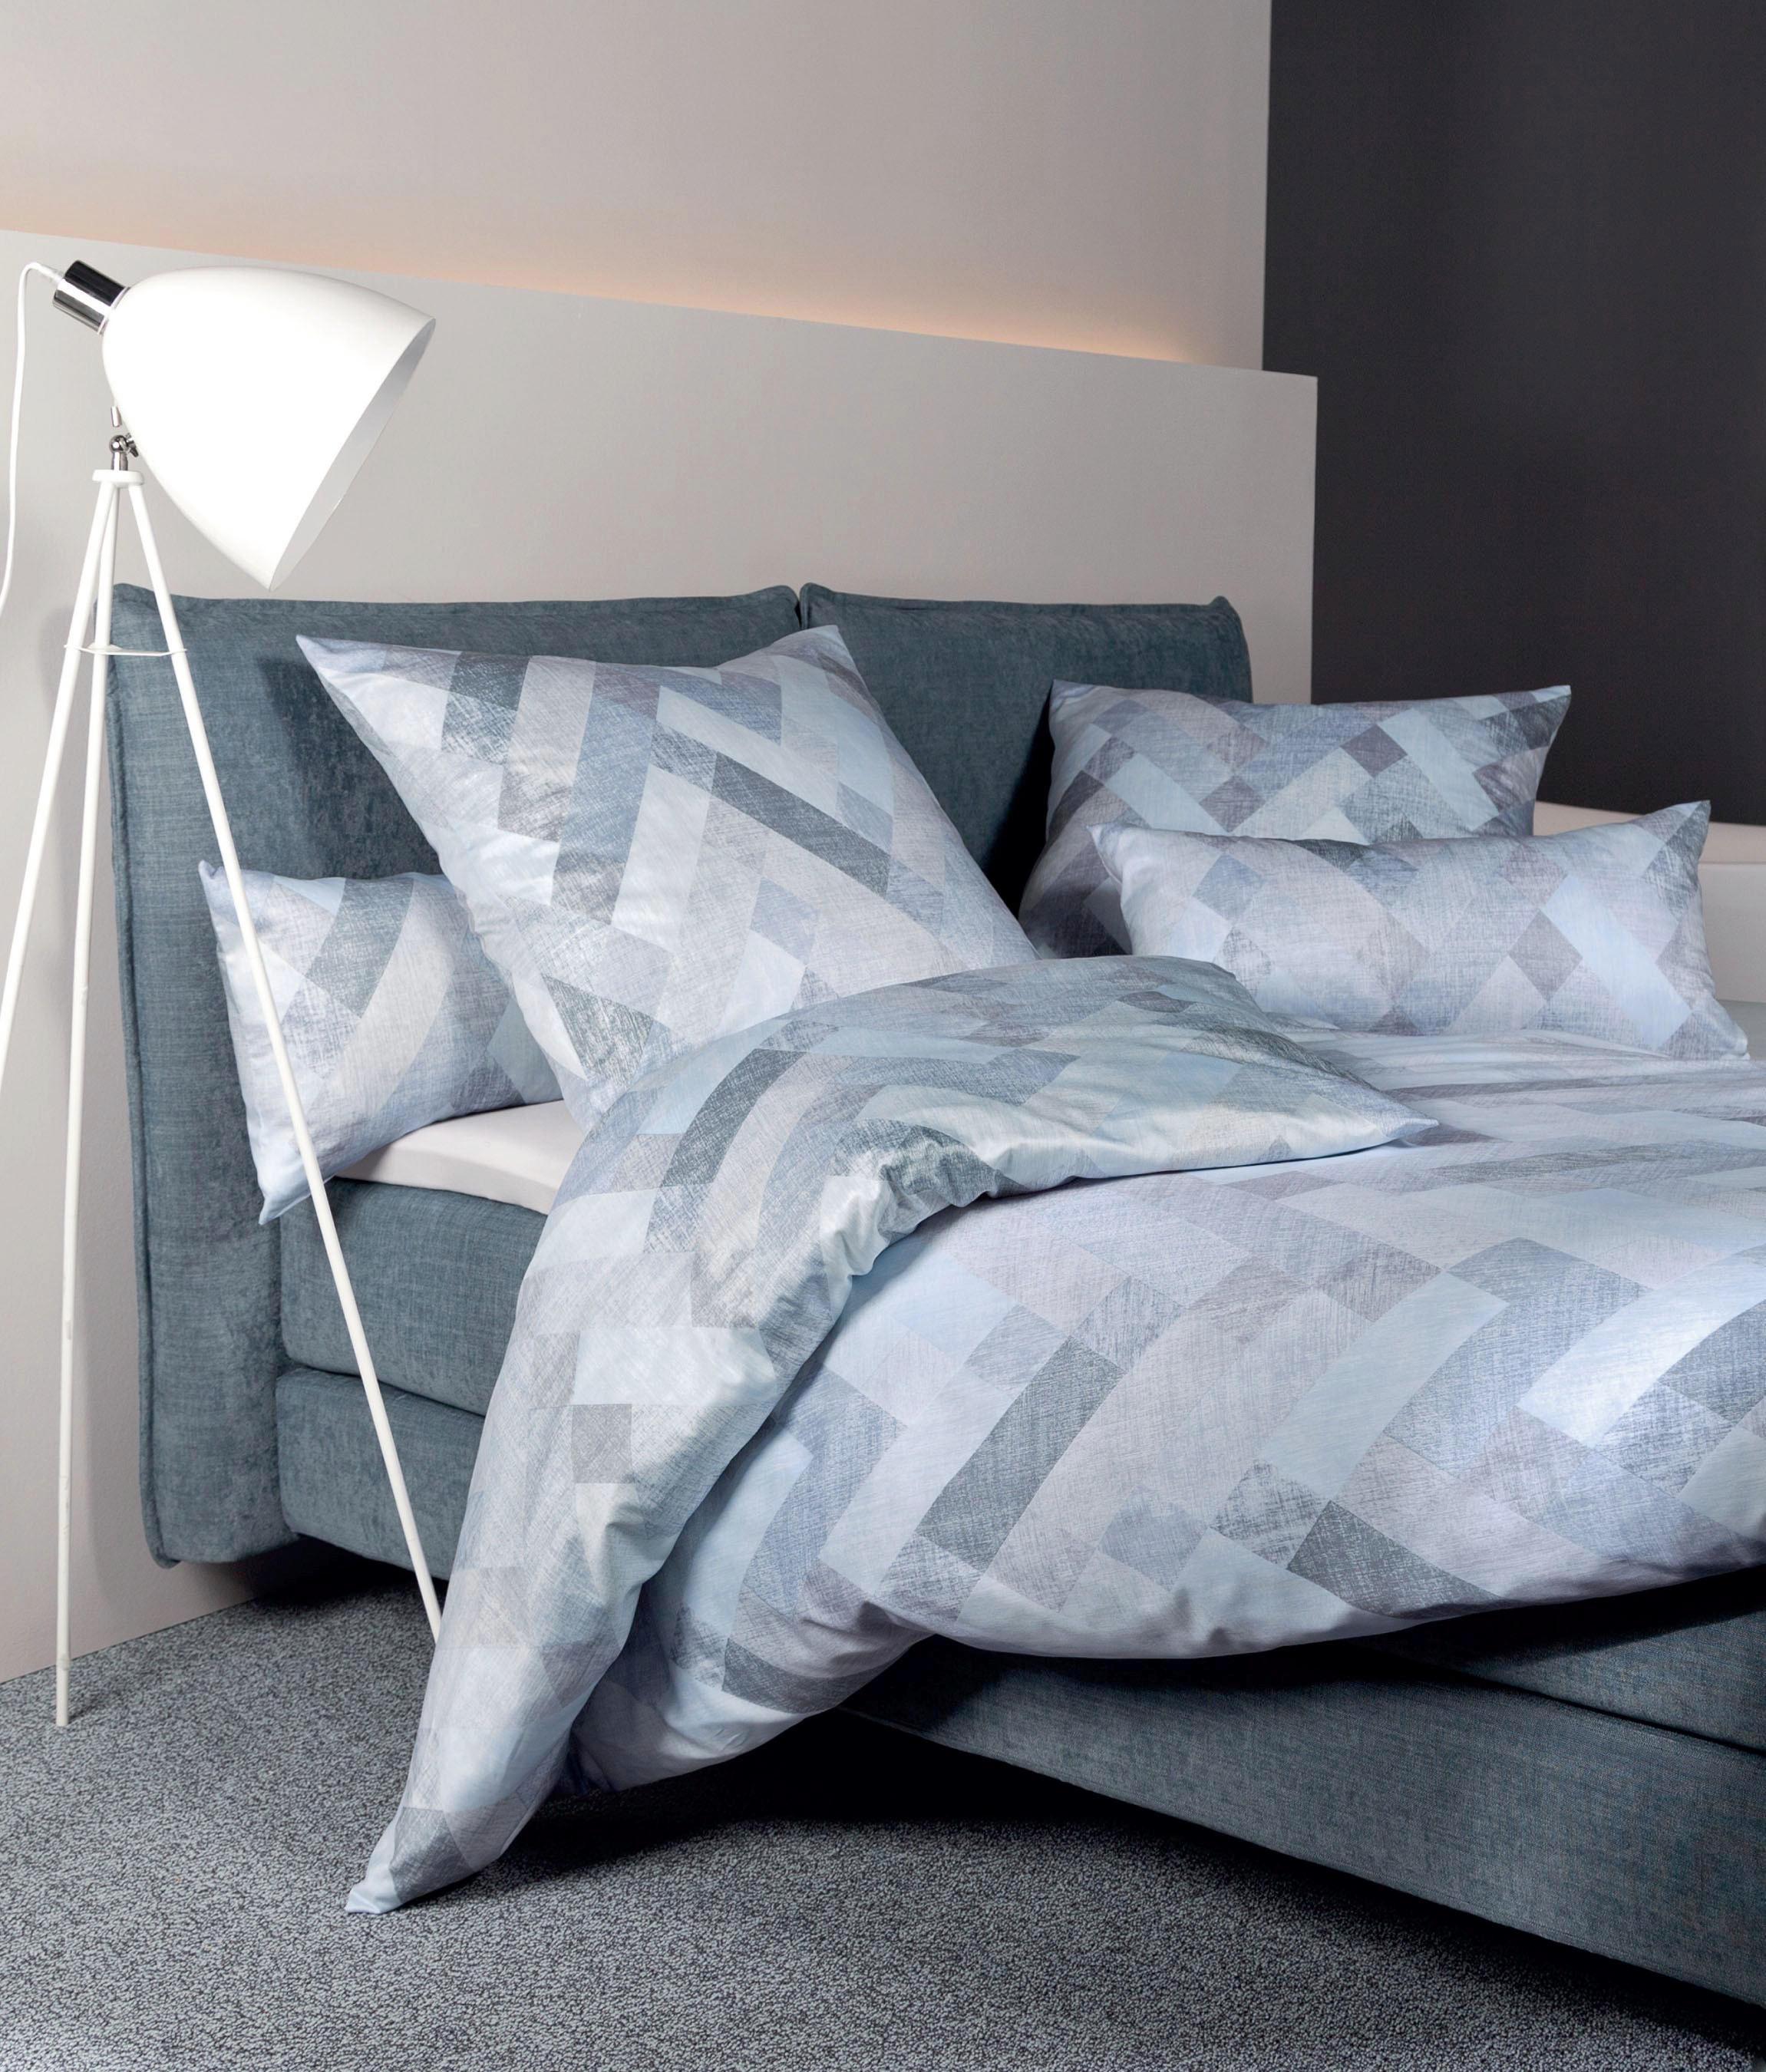 BETTWÄSCHE Makosatin Hellblau 135/200 cm - Hellblau, Textil (135/200cm) - JANINE